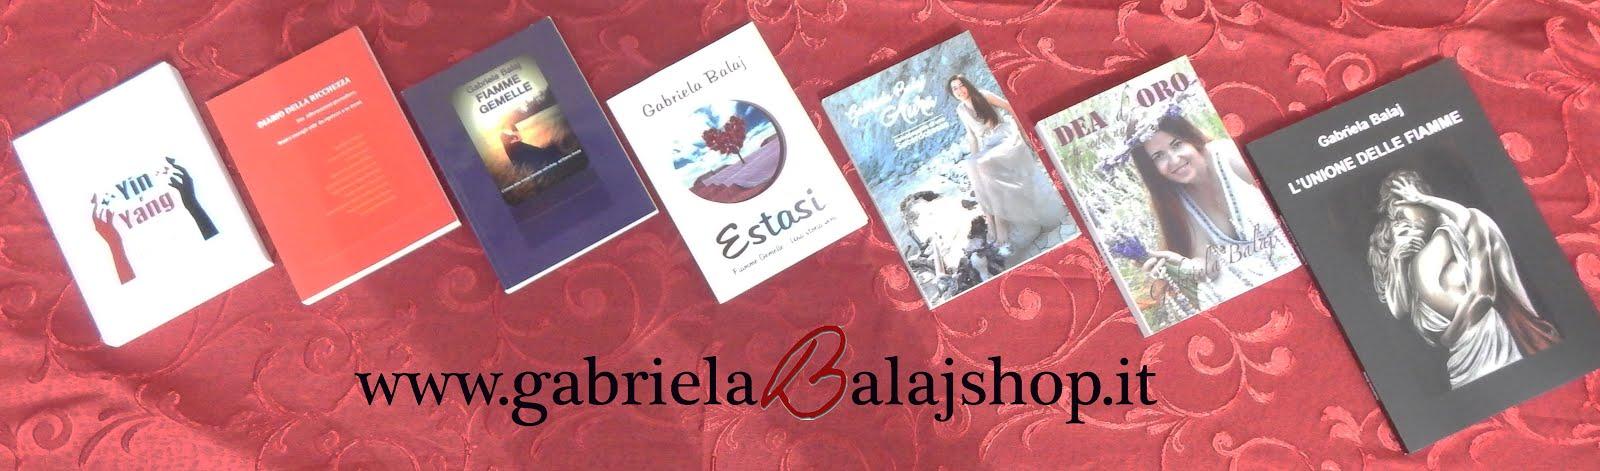 Libri di Gabriela Balaj